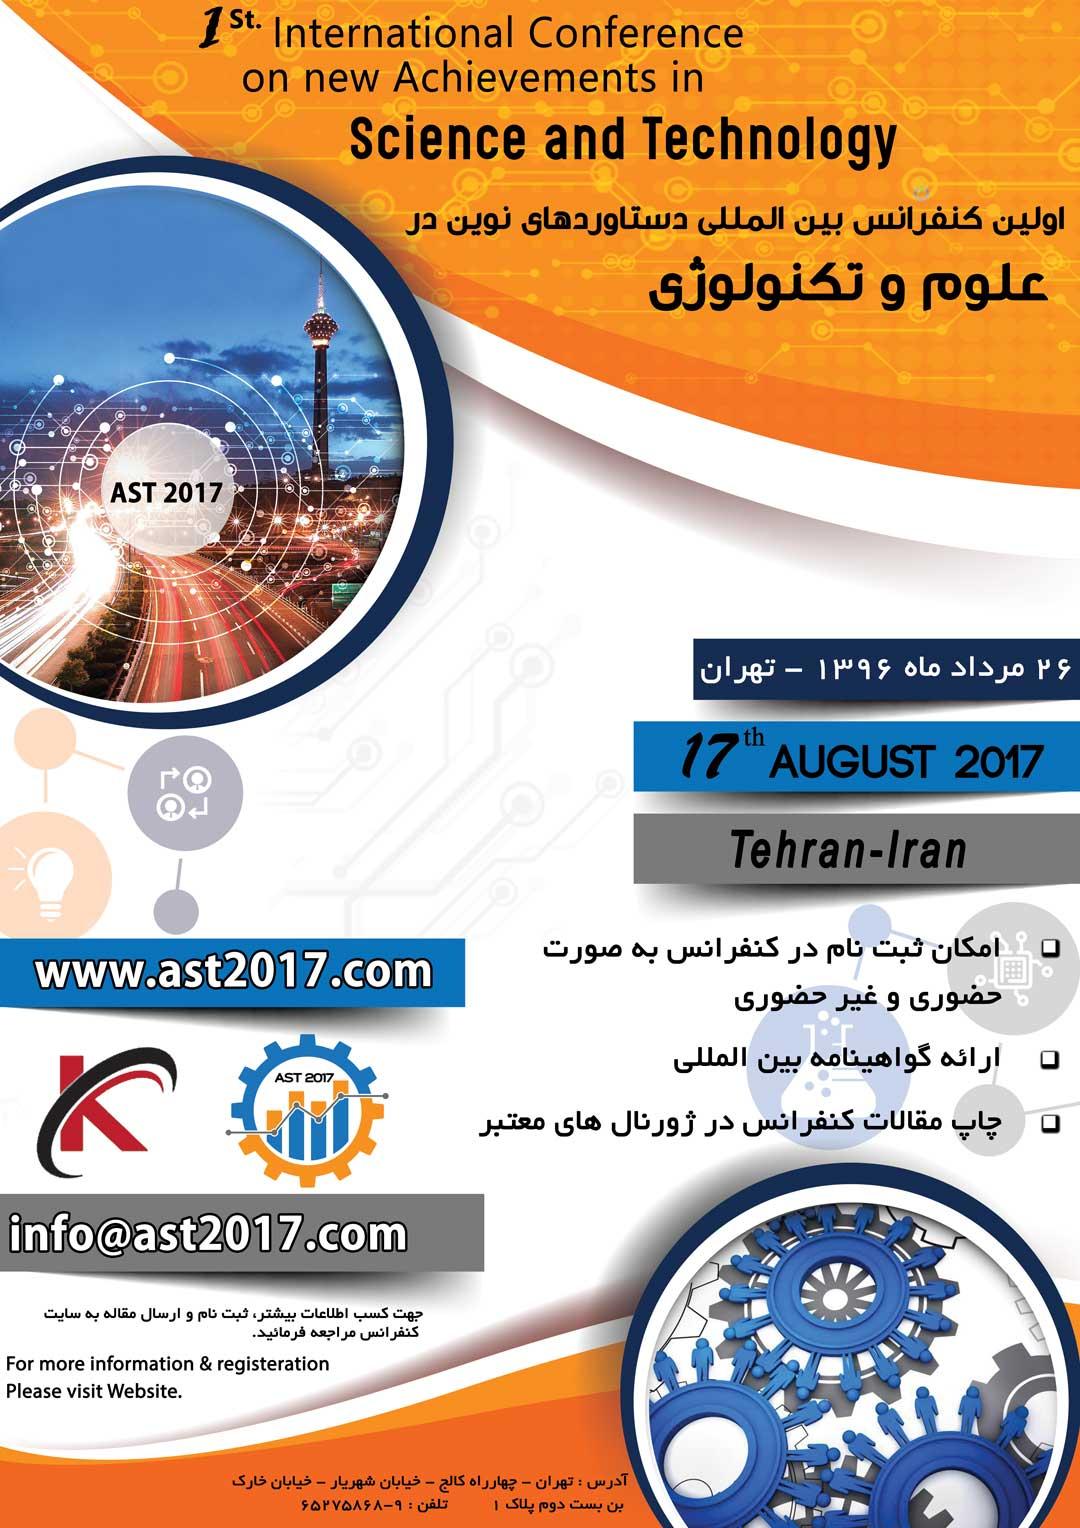 پوستر اولین کنفرانس بین المللی دستاوردهای نوین در علوم و تکنولوژی اولین کنفرانس بین المللی دستاوردهای نوین در علوم و تکنولوژی اولین کنفرانس بین المللی دستاوردهای نوین در علوم و تکنولوژی poster 1488573255 66138 file 1